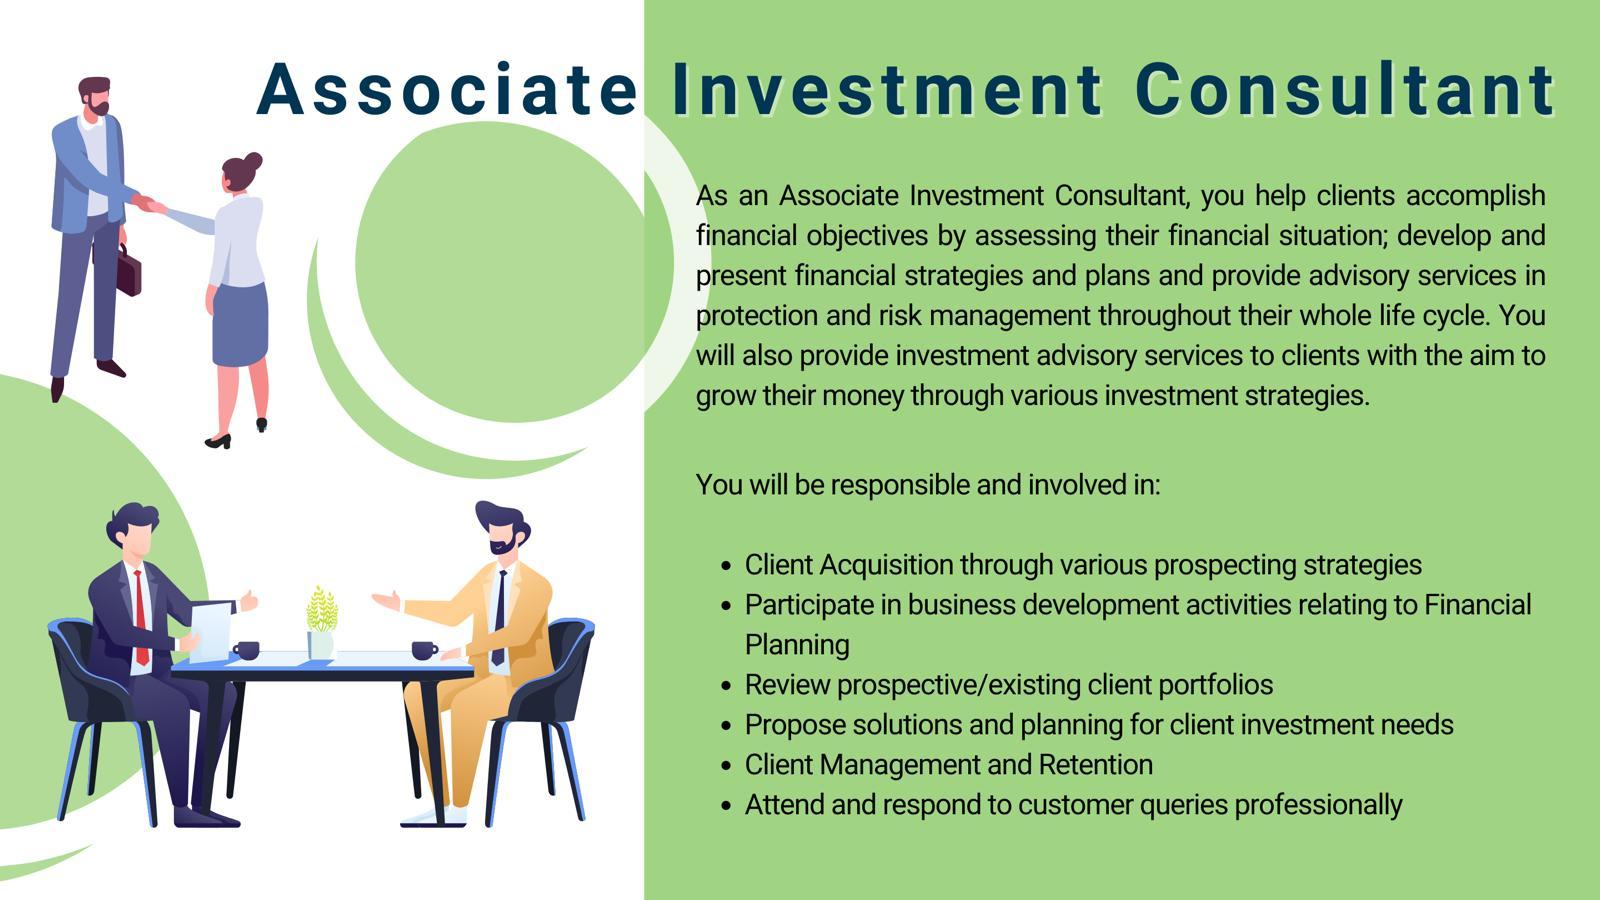 Associate Investment Consultant